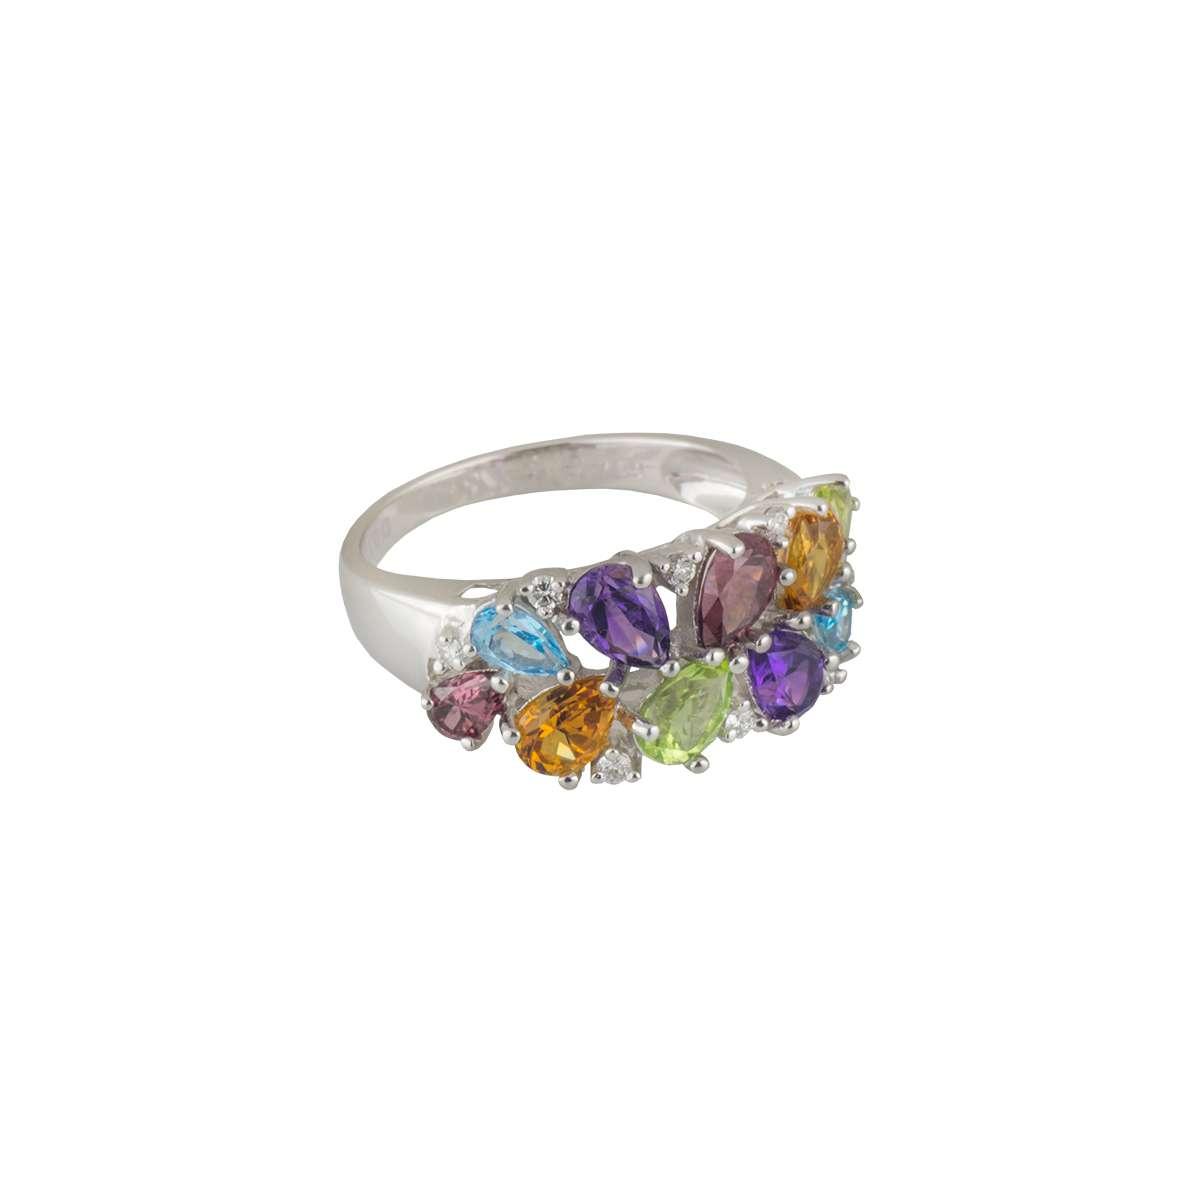 18k White Gold Diamond & Multi-Gem Ring